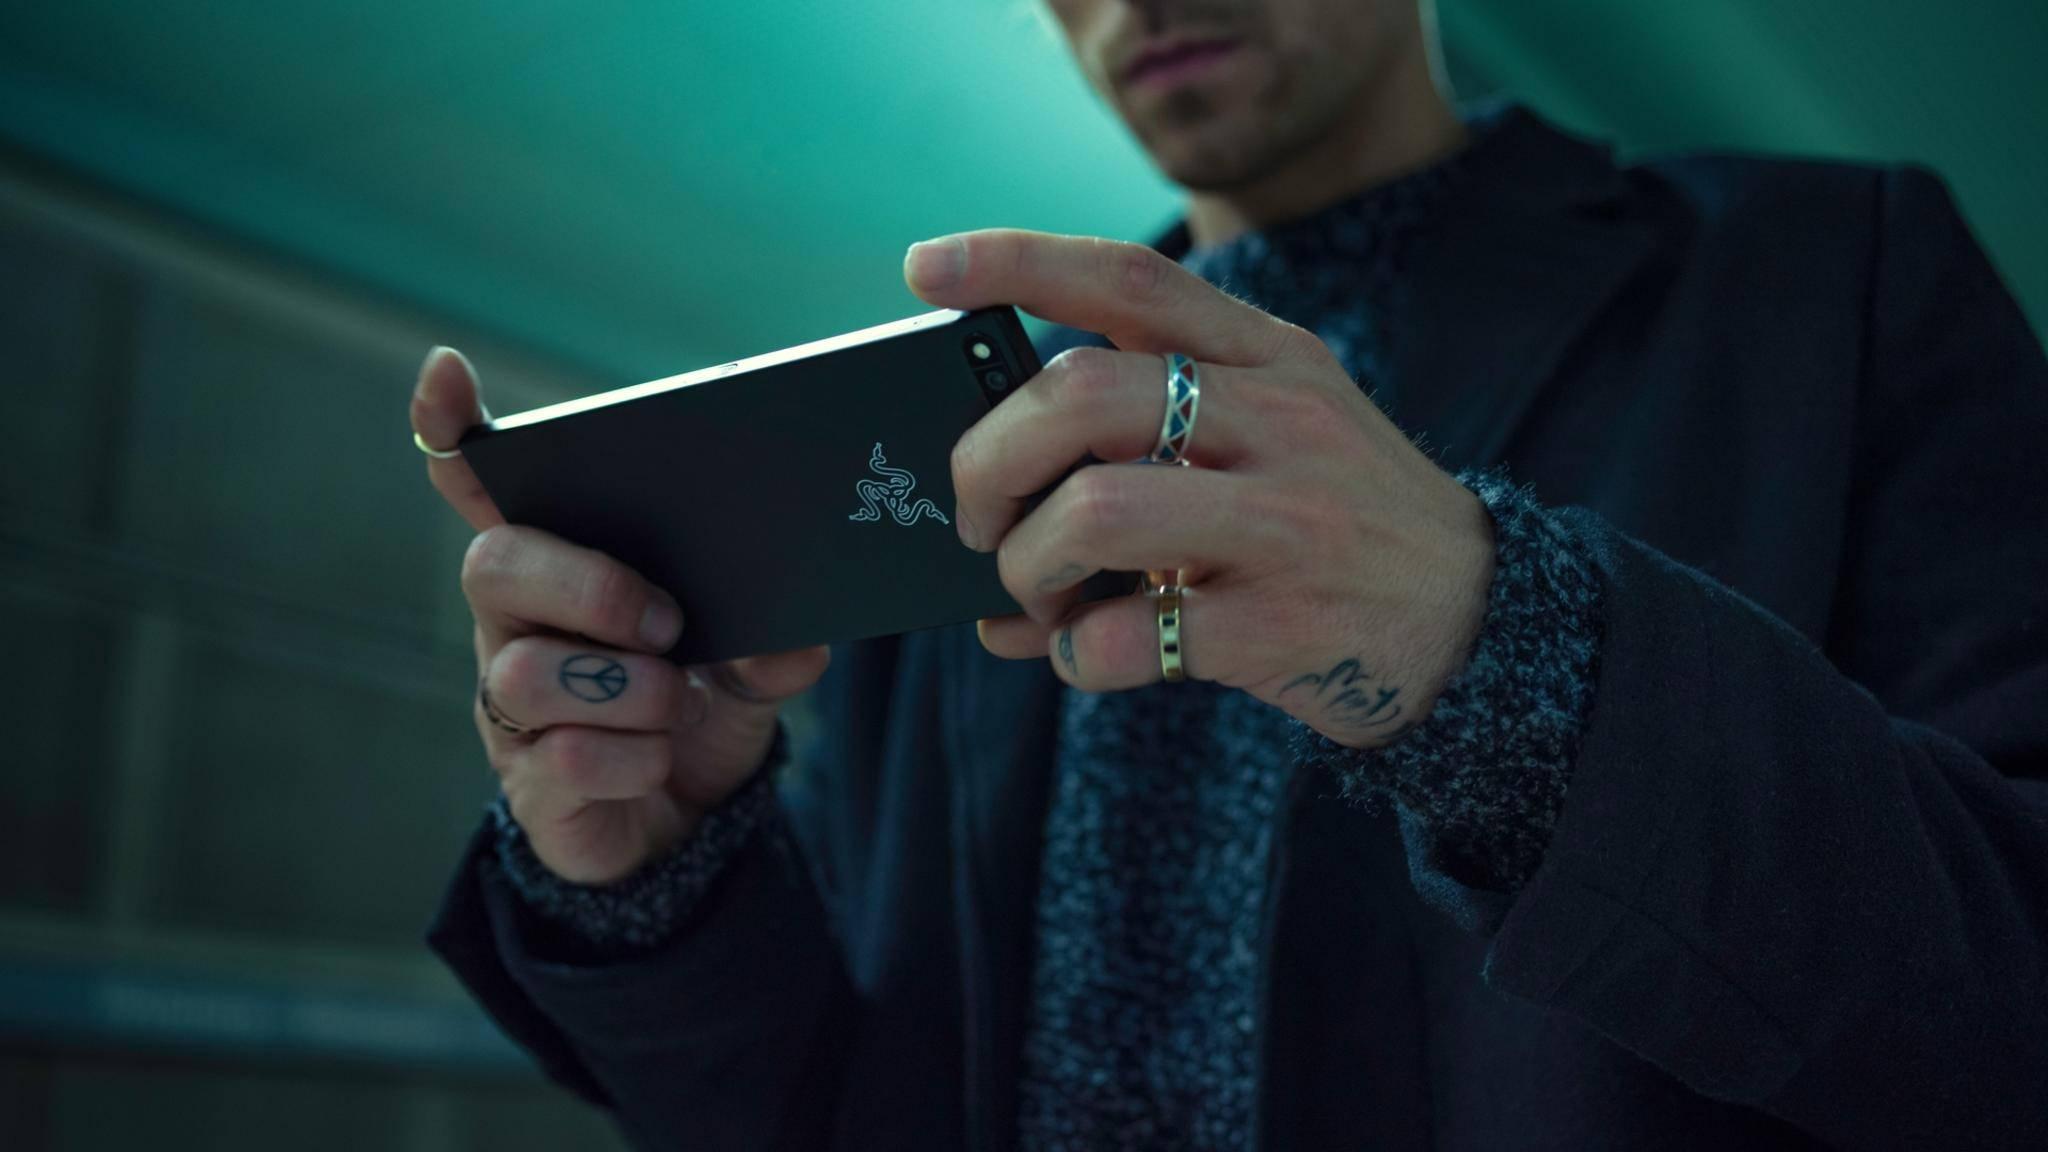 Der Nachfolger des Razer Phone soll nicht mehr lange auf sich warten lassen.